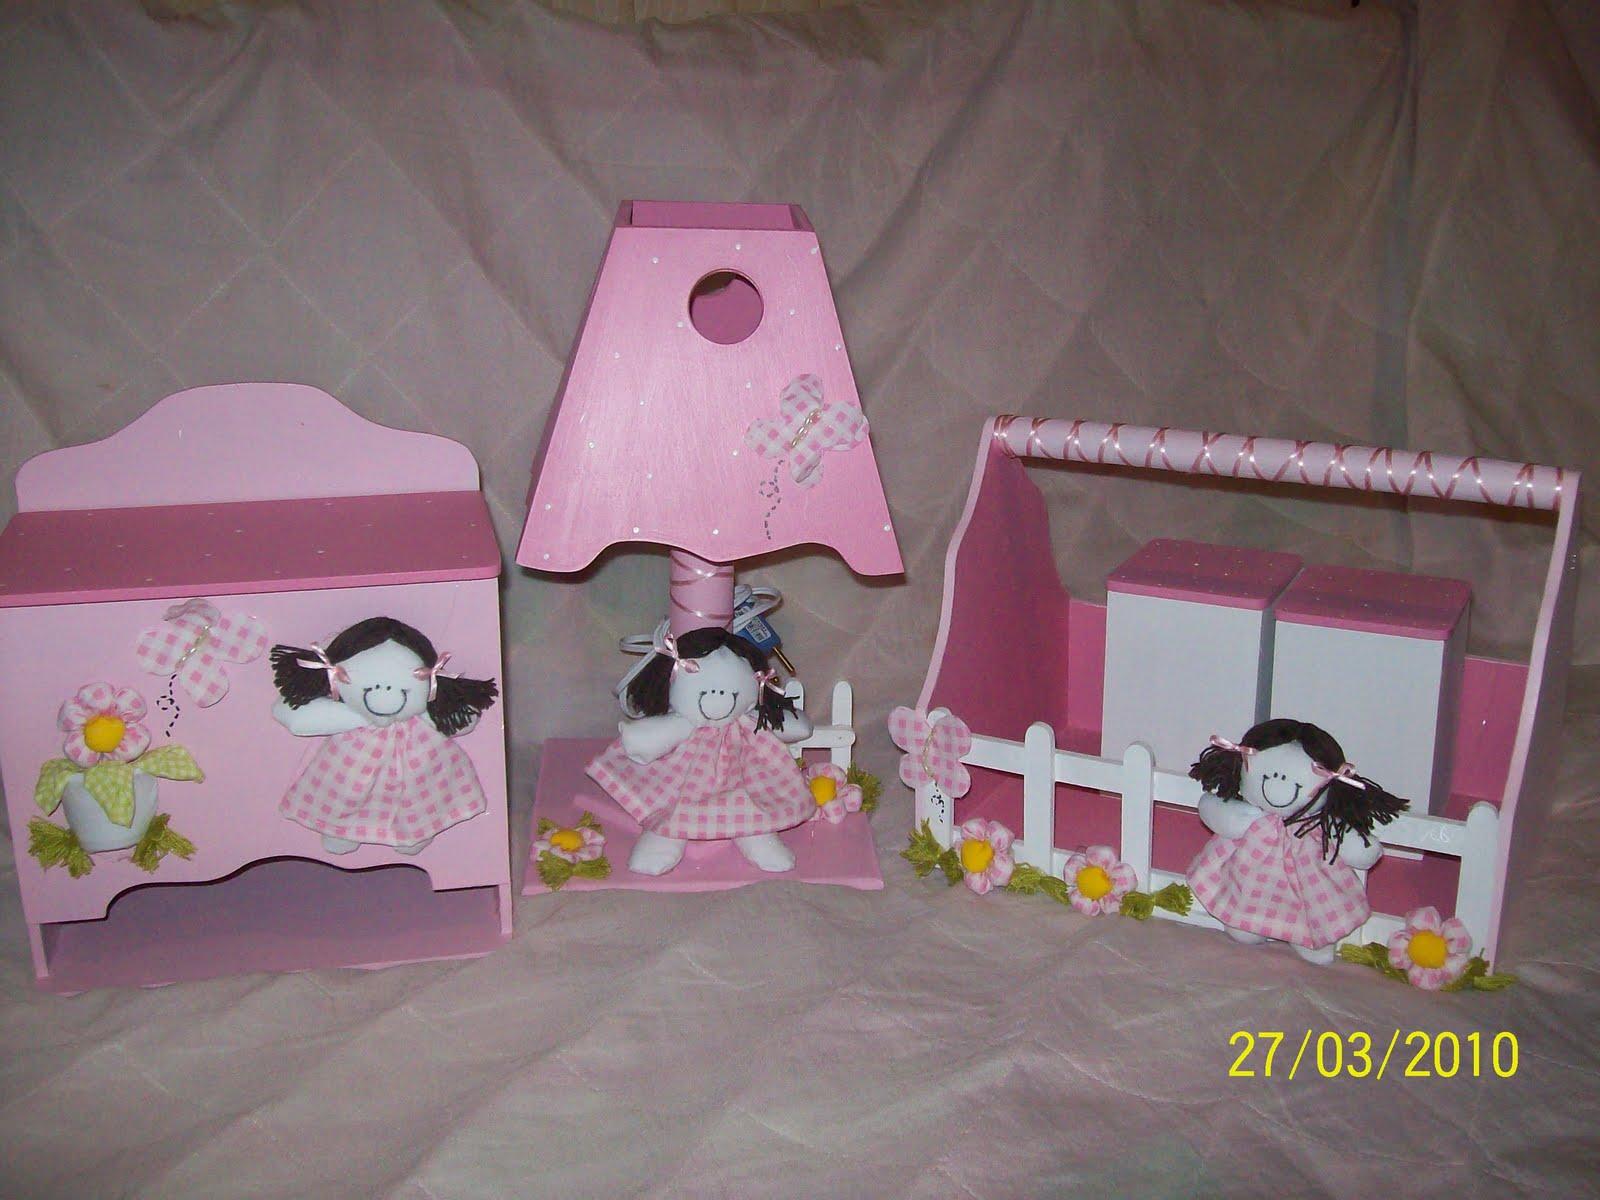 Lulita Acessórios para Quarto de Bebê KIT PORTA FRALDAS, ABAJUR E FARMACINHA